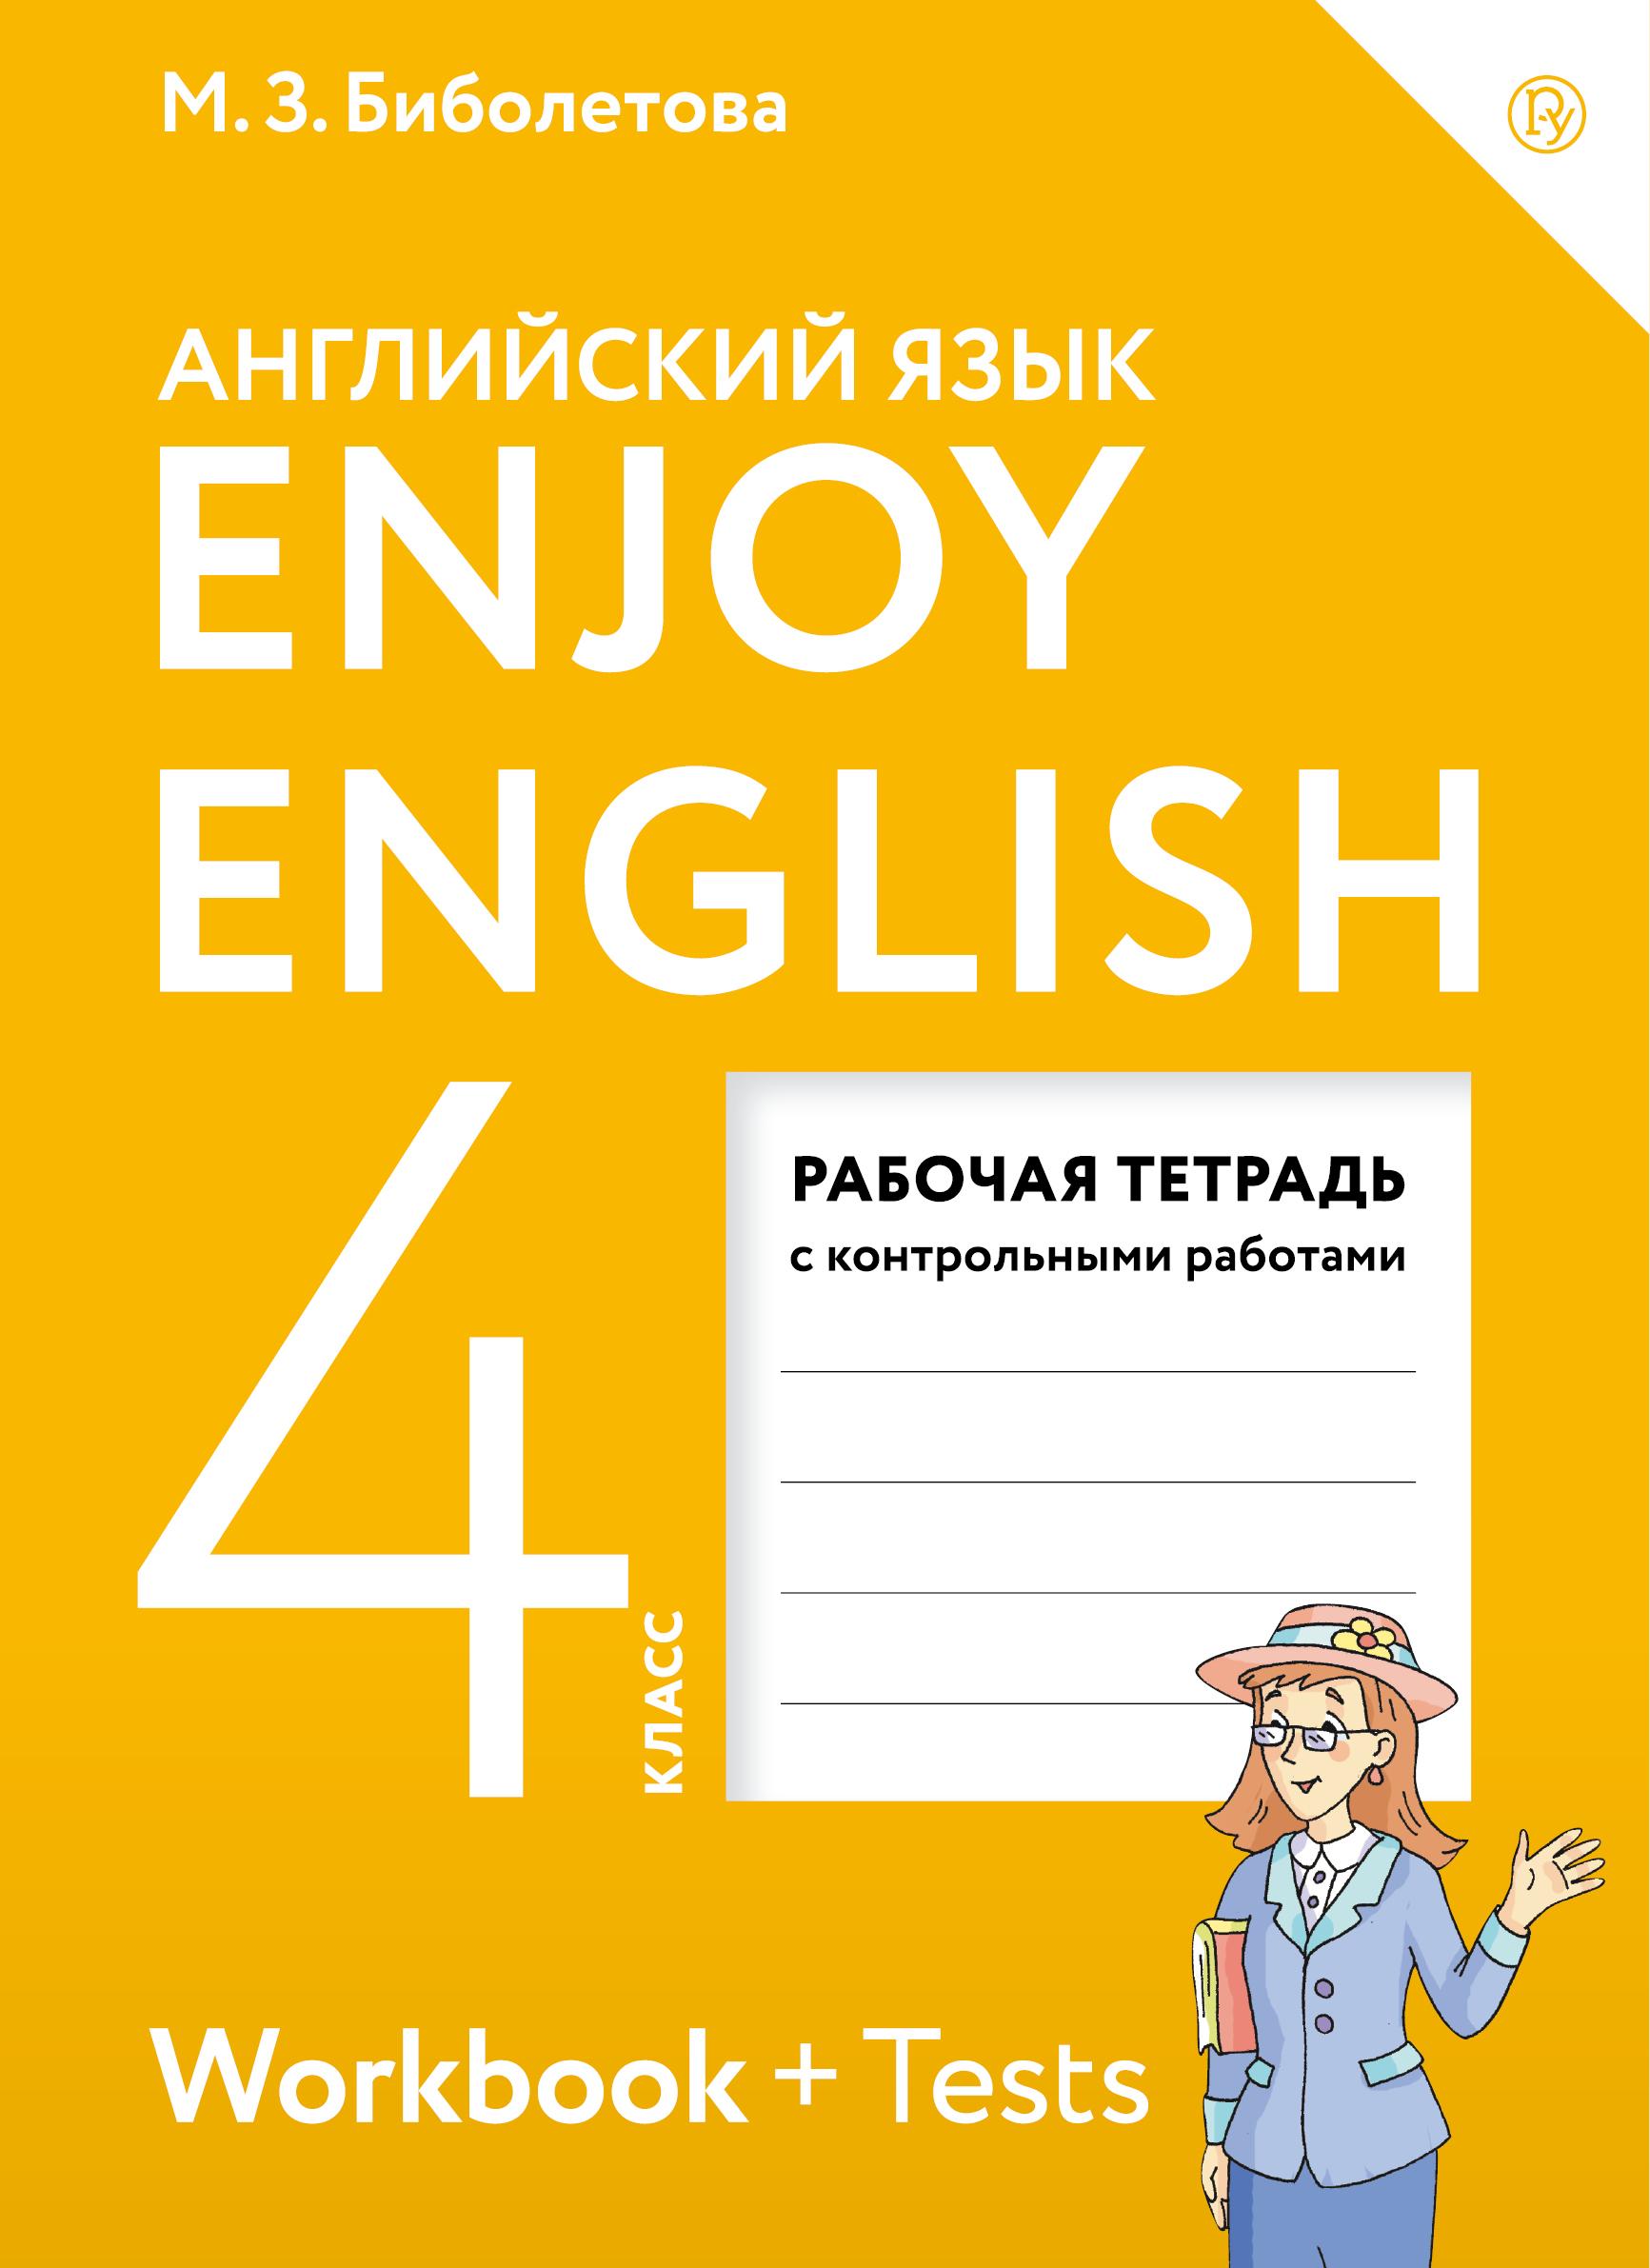 Биболетова учебники скачать бесплатно умк enjoy english английский.